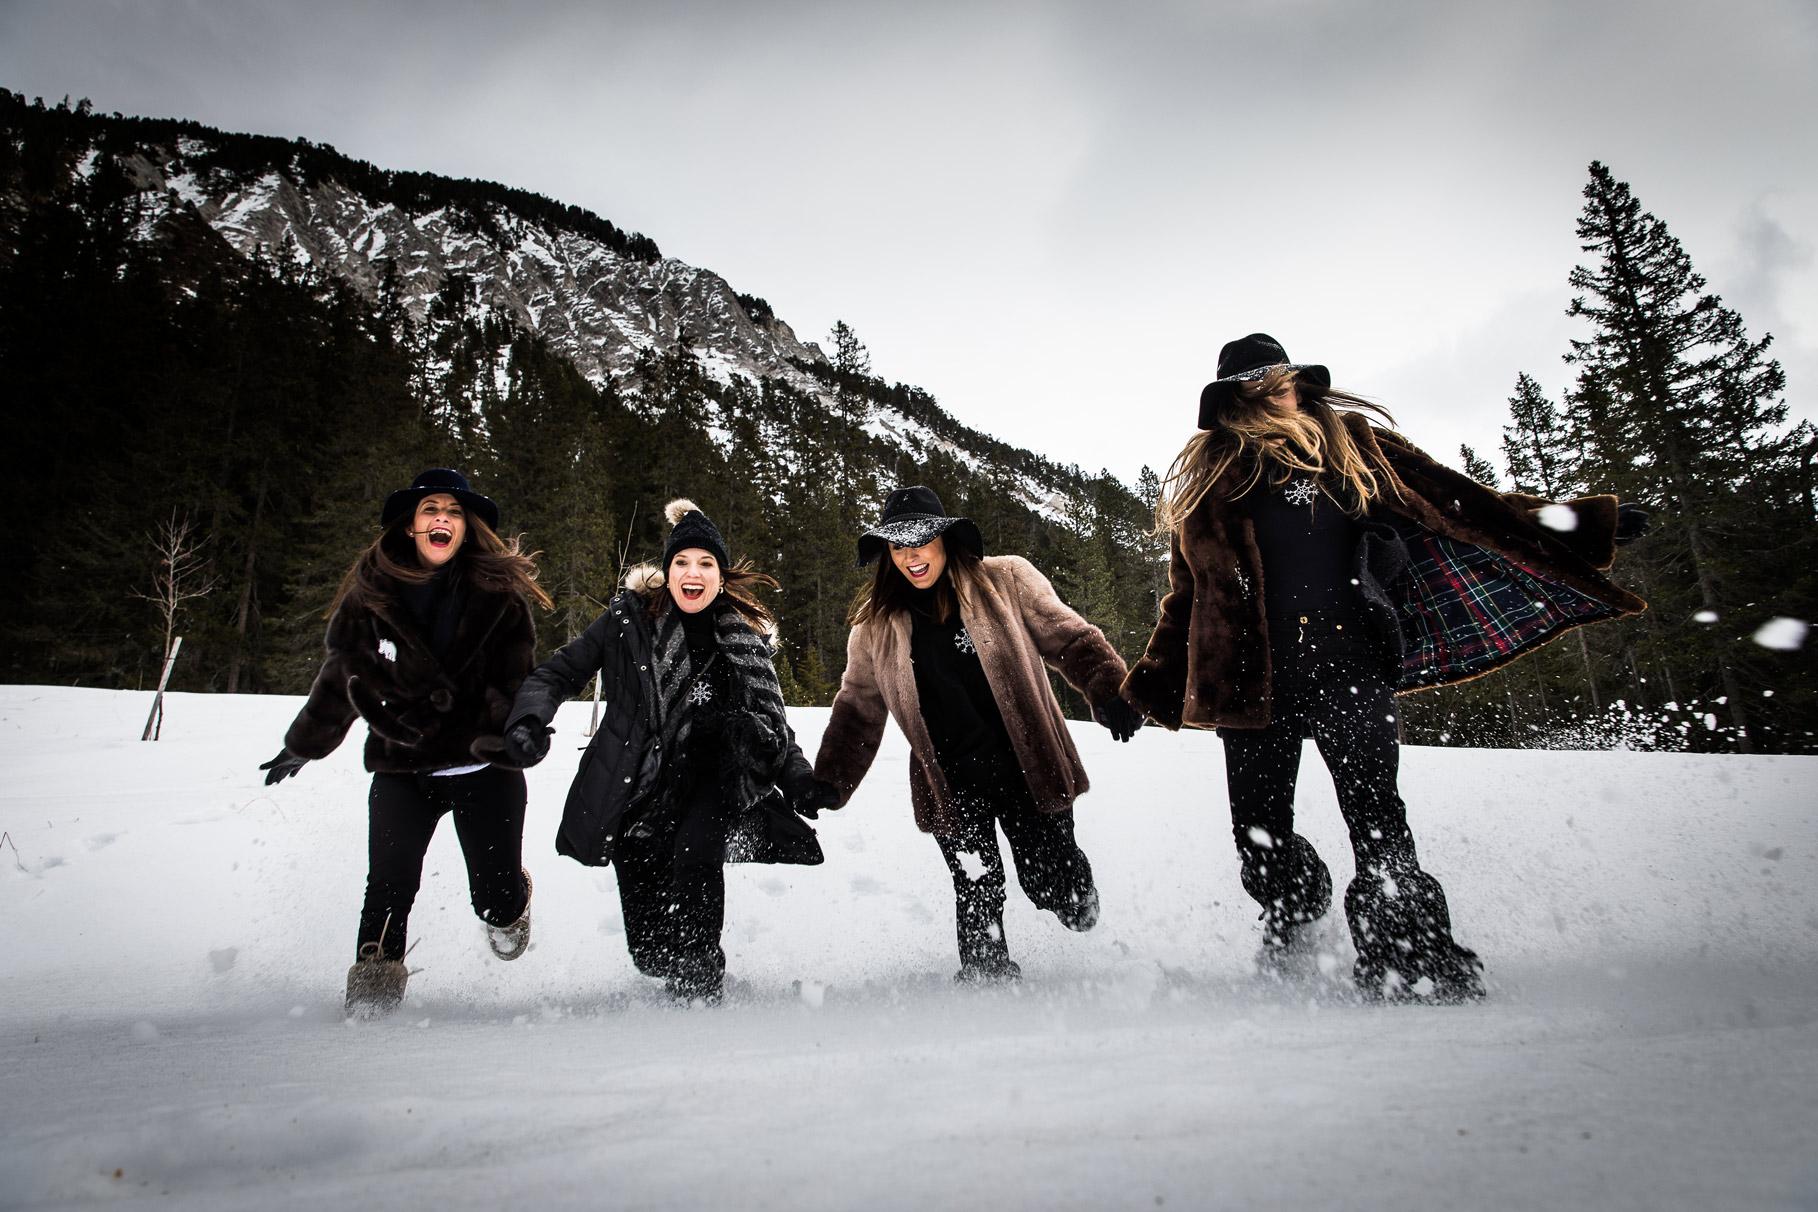 Un enterrement de vie de jeune fille à la montagne filles courent dans la neige à Courchevel